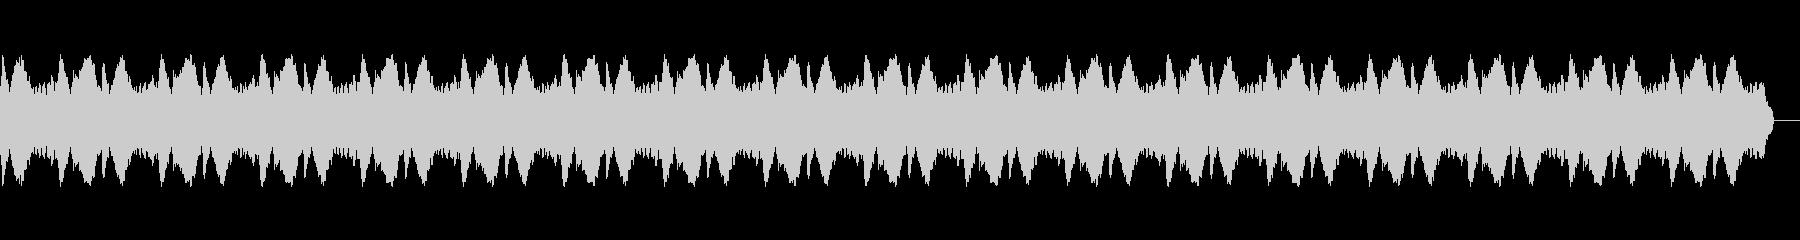 アラーム・ブザー・サイレン音です。の未再生の波形